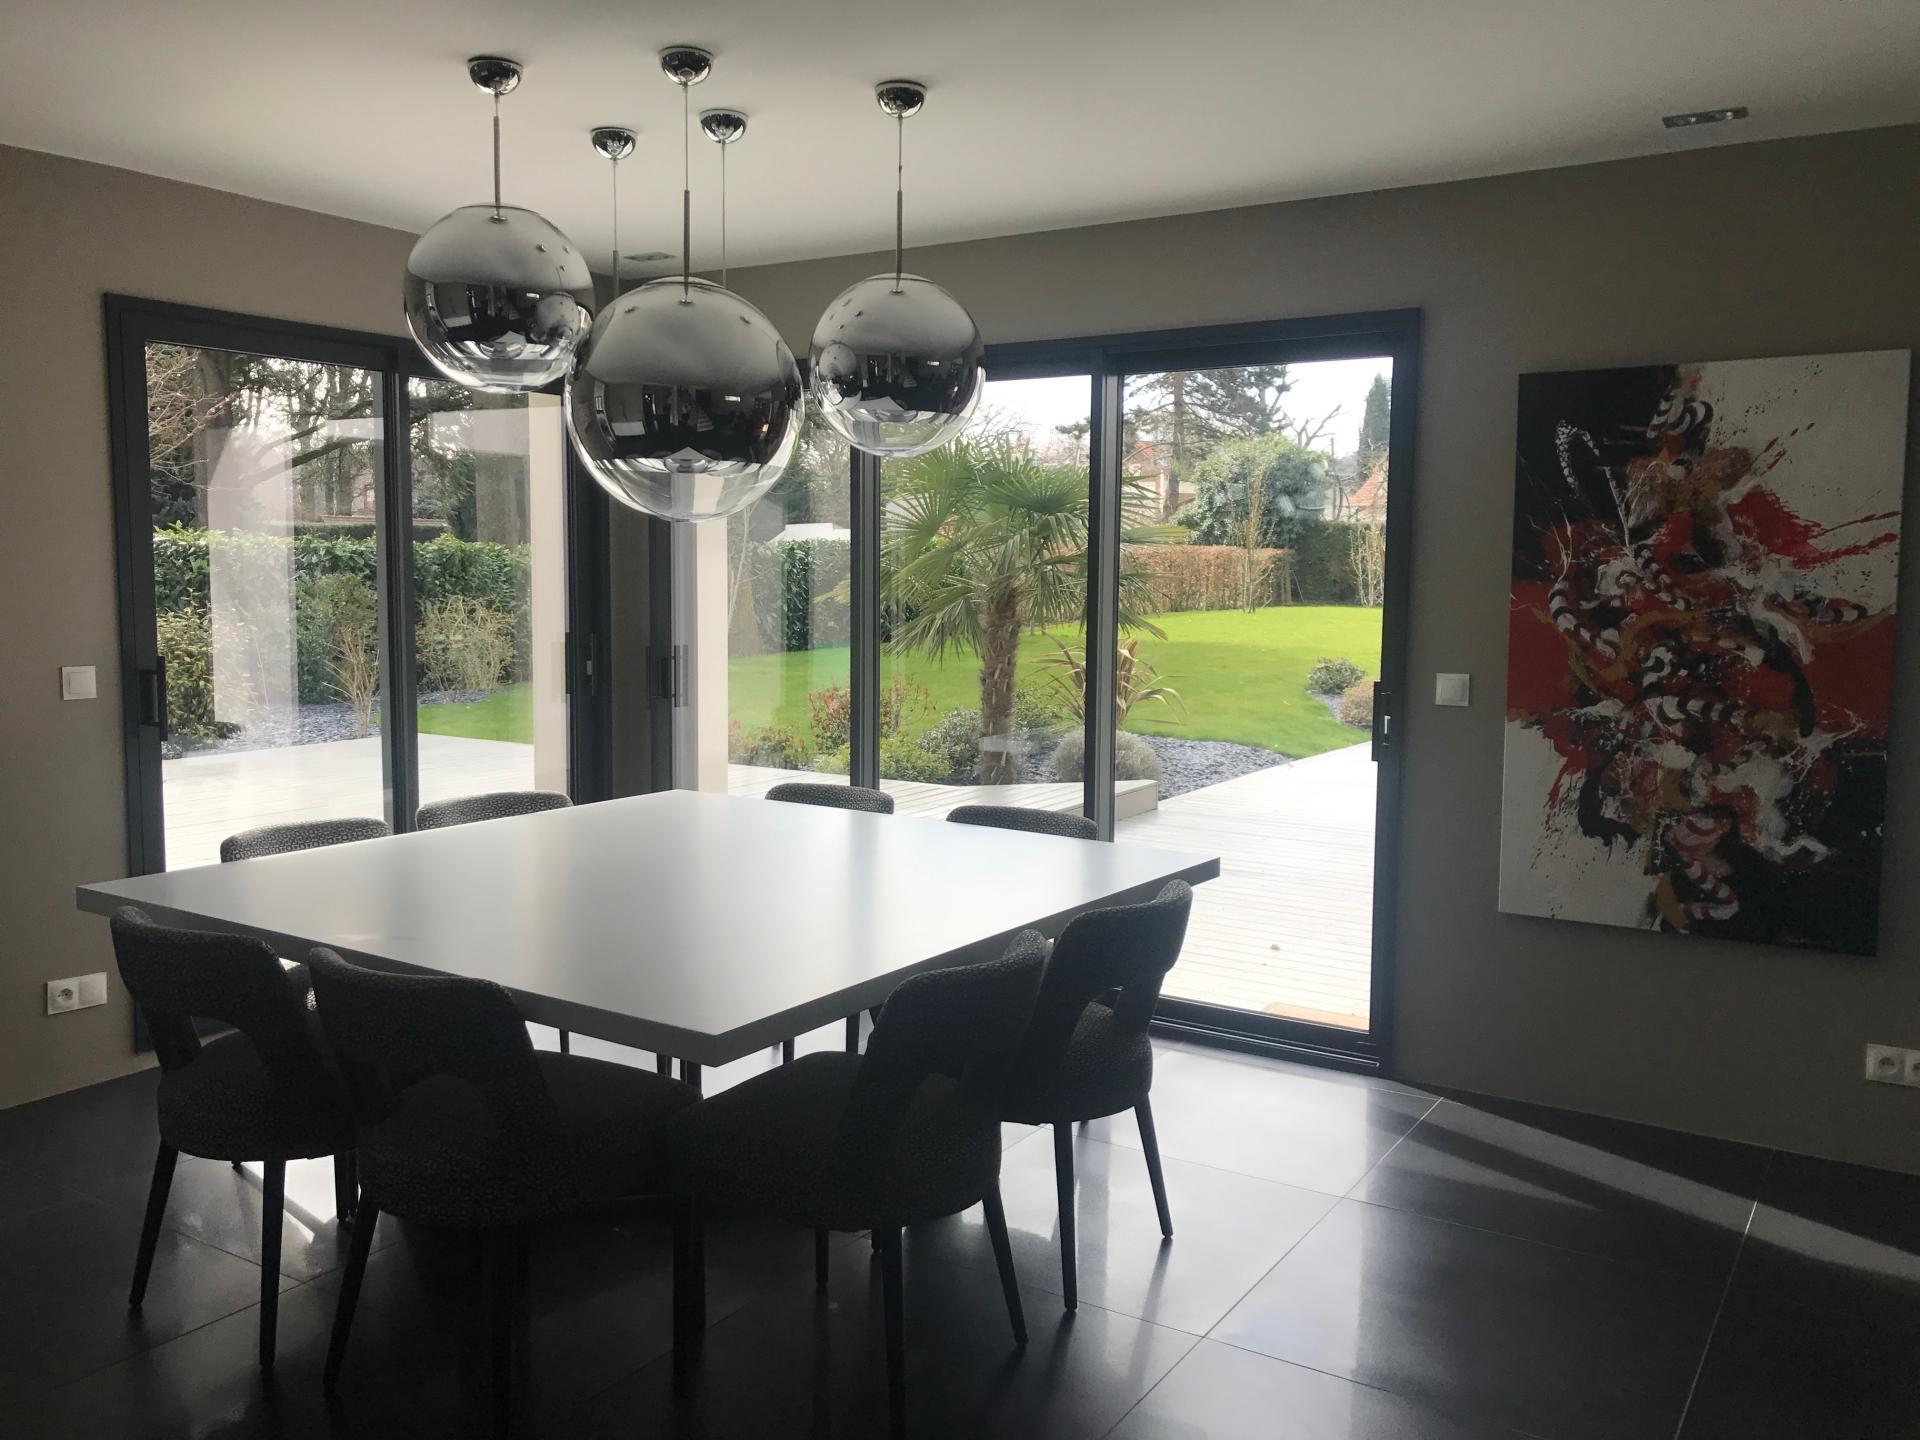 Salle à manger design avec luminaires multiples